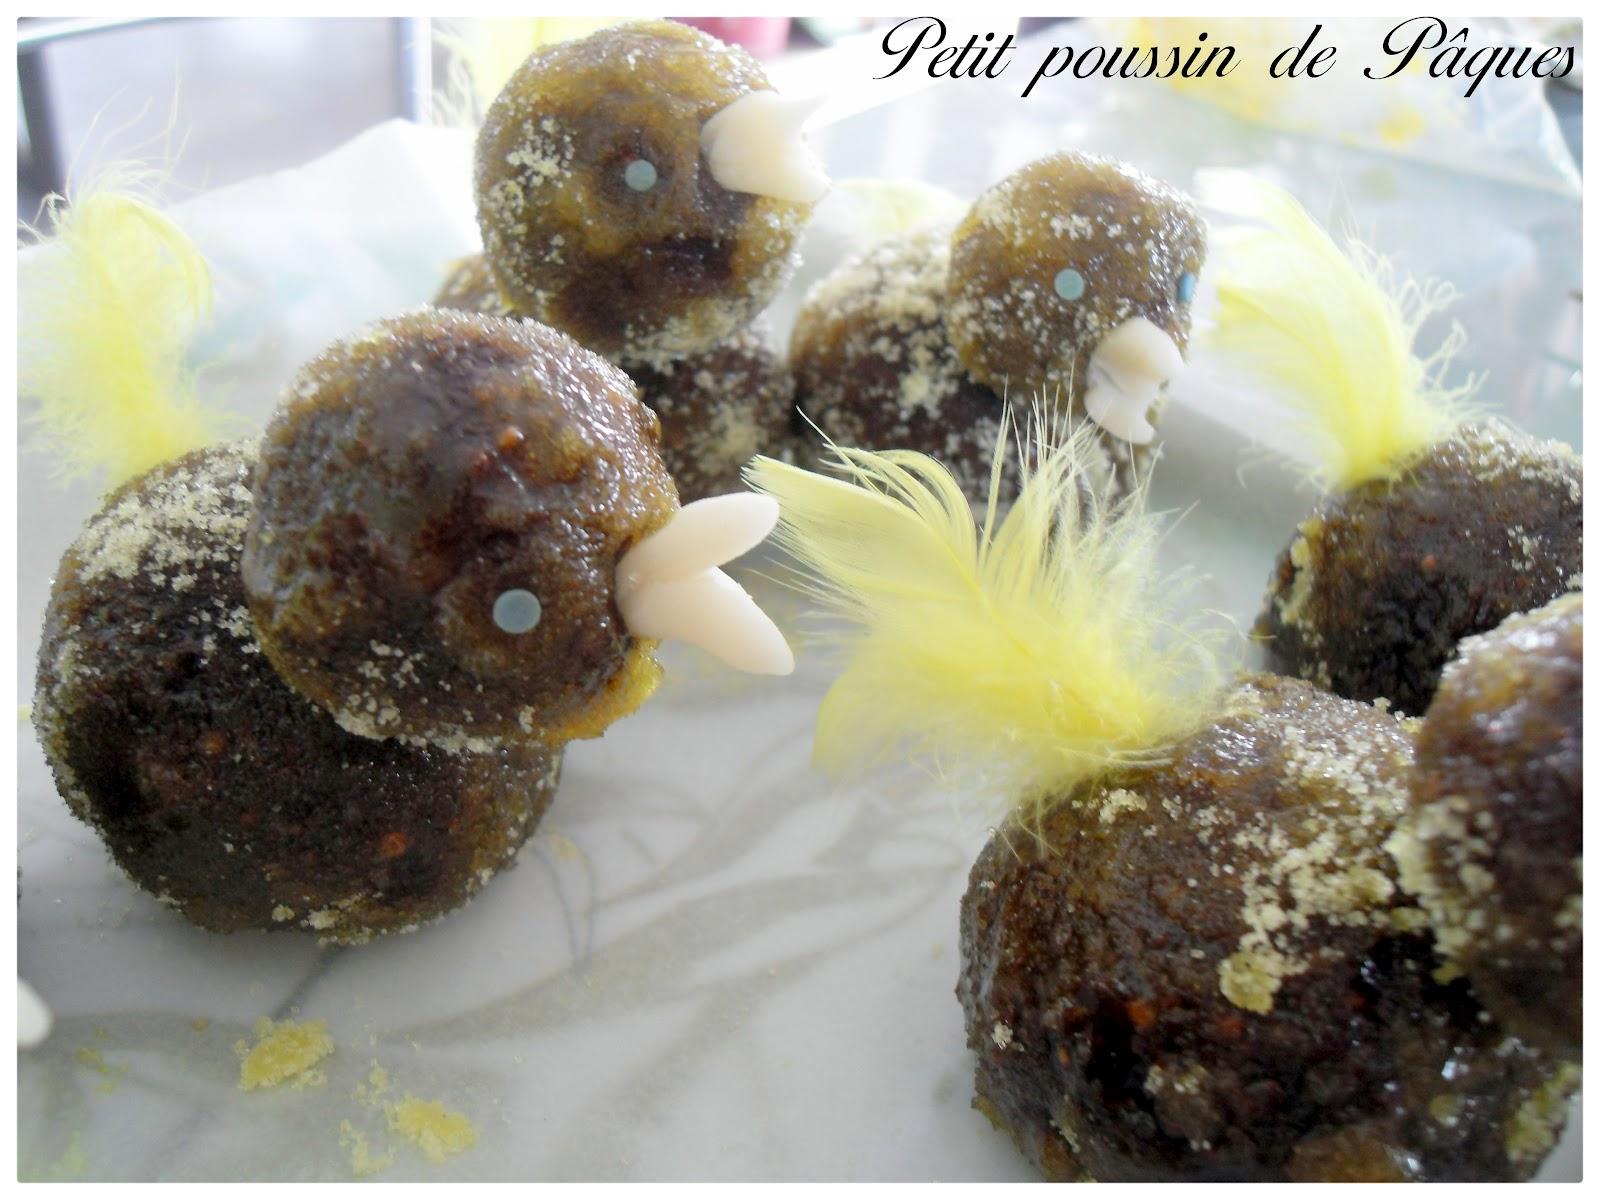 poussins de p 226 ques recettes de desserts plus de 1000 recettes sur cakesandsweets fr